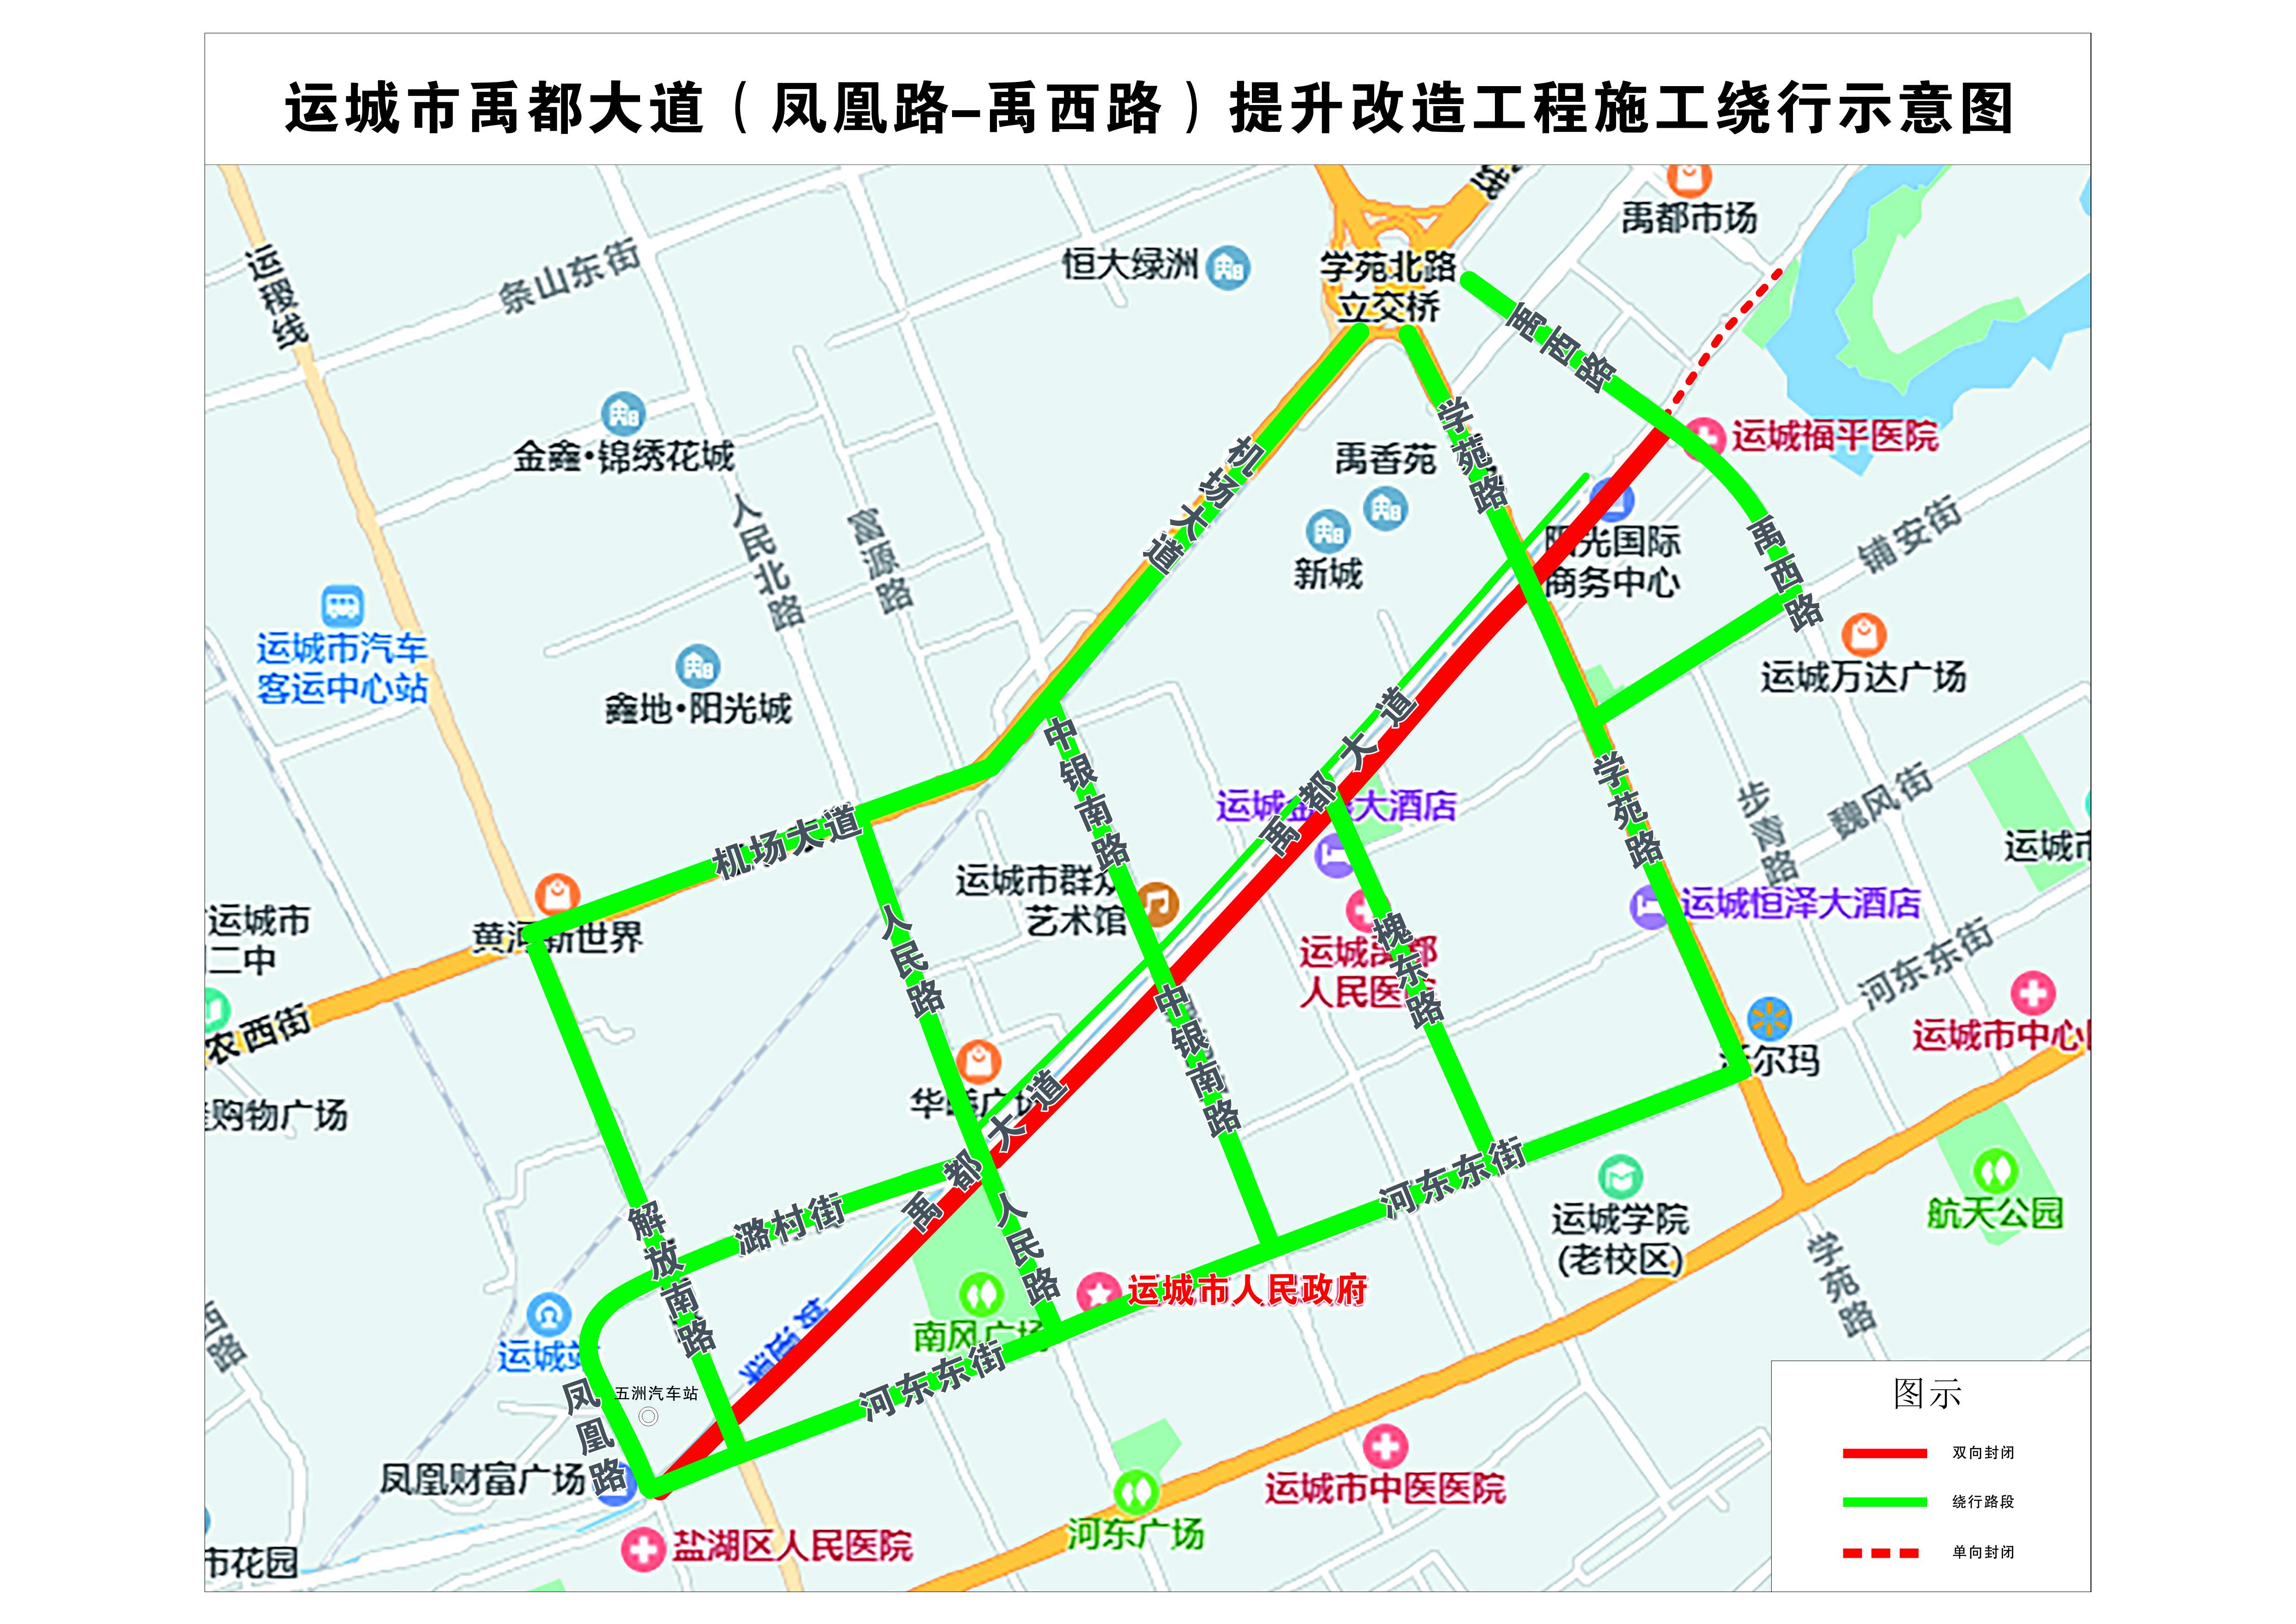 因道路提升改造 市区禹都大道(凤凰路—禹西路)封闭施工